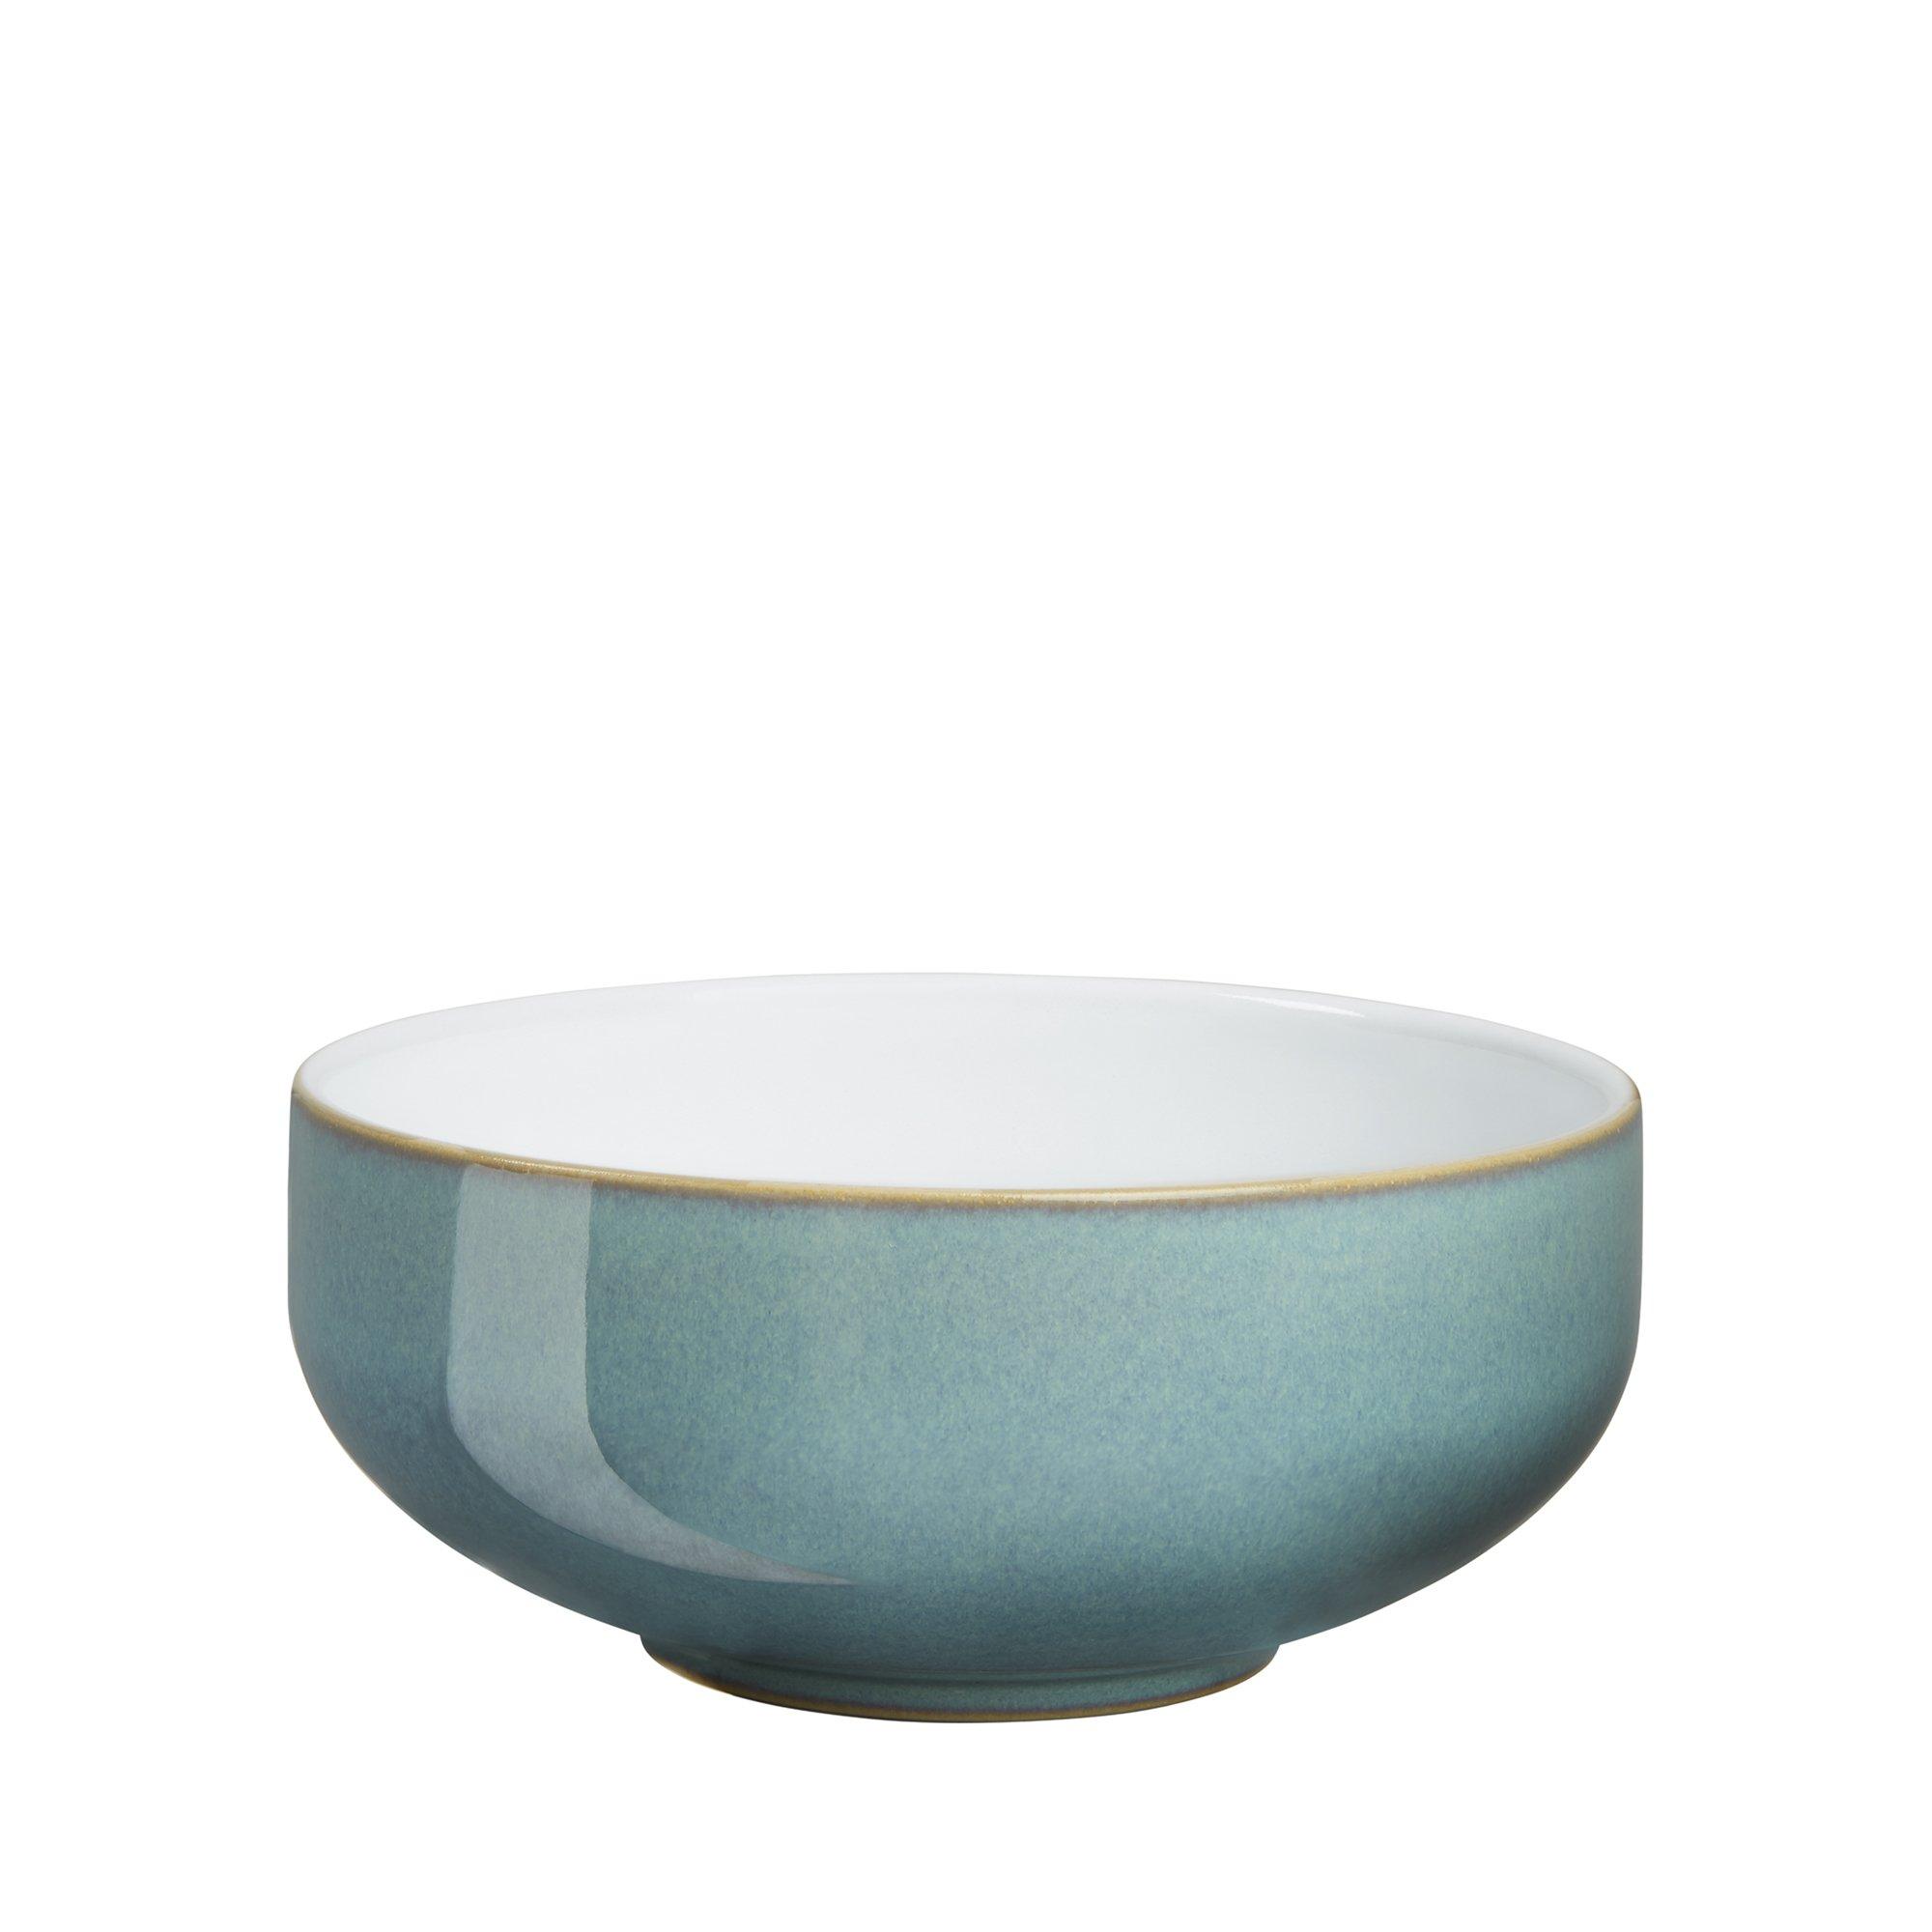 Denby Azure Soup/Cereal Bowls, Set of 4